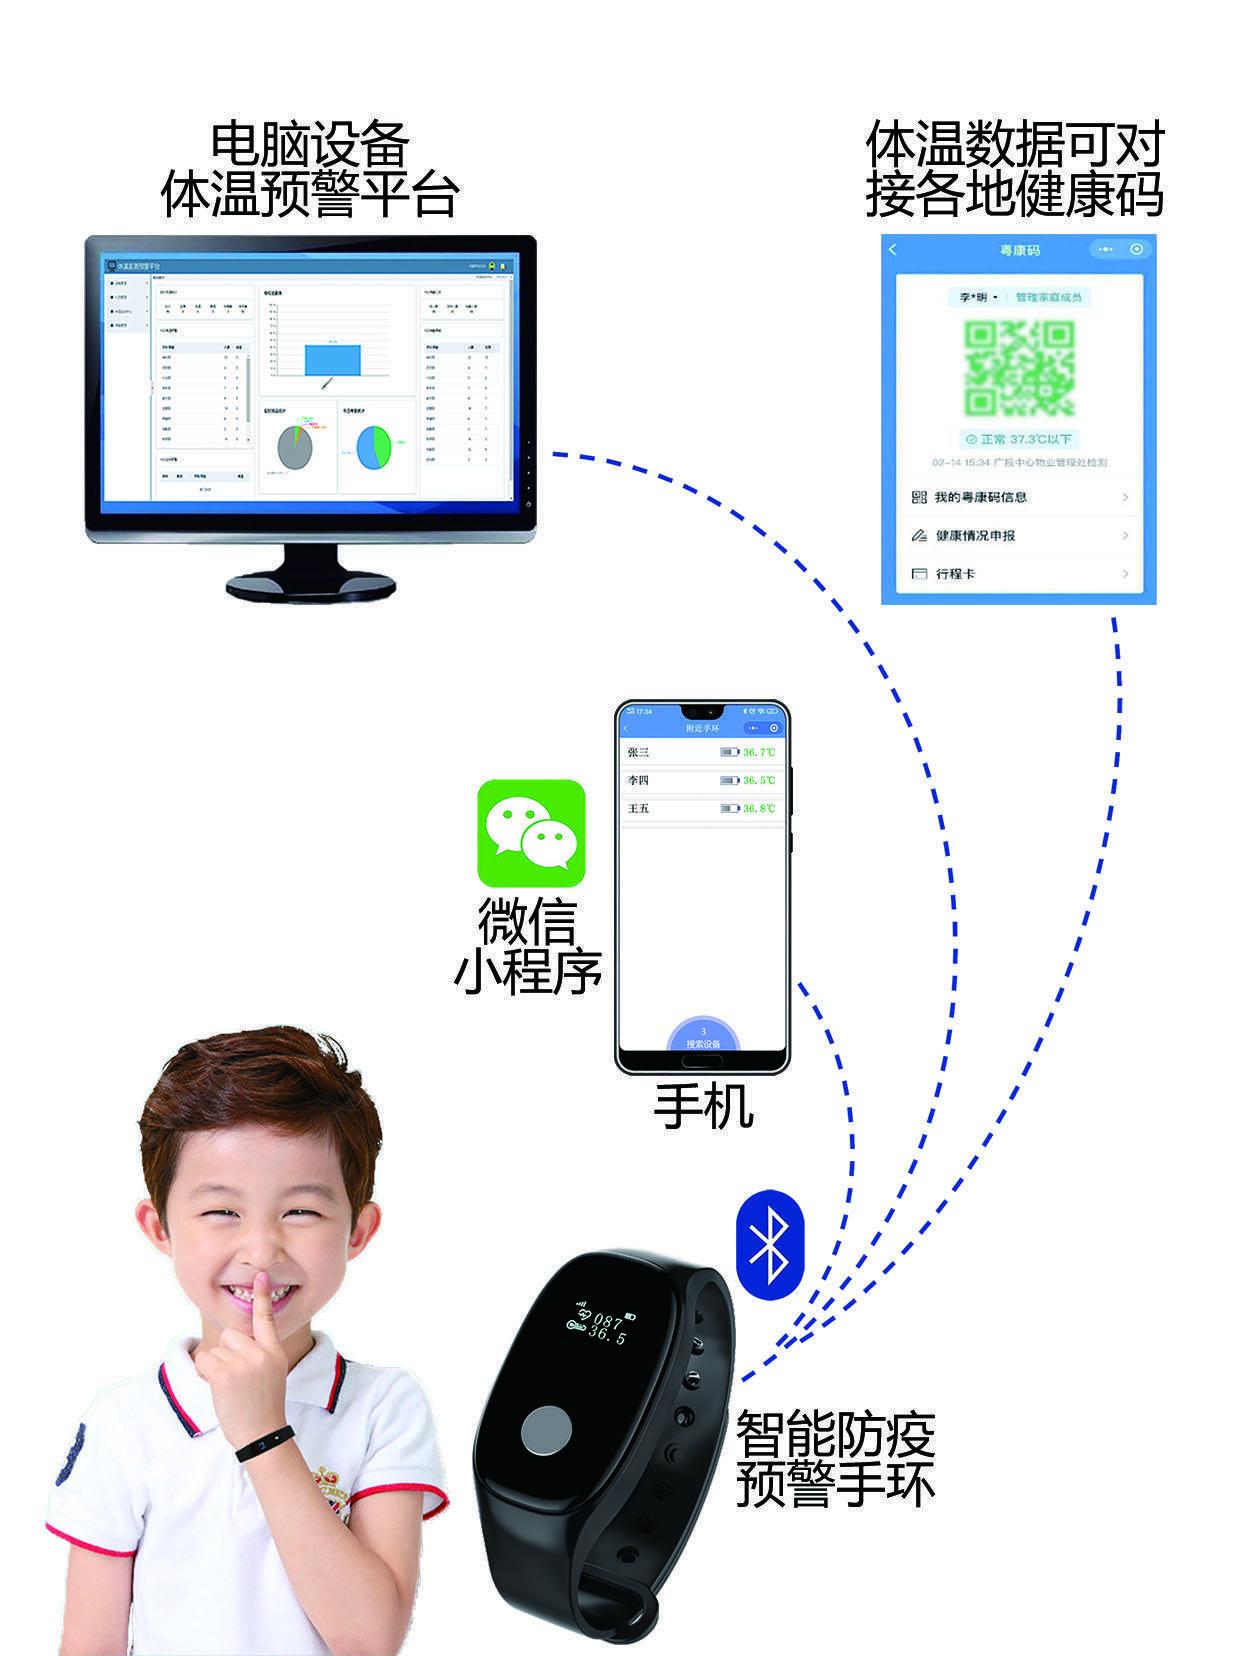 广州芯耀科技推出智能防疫预警手环XY-A06 优化体温监测续航时间